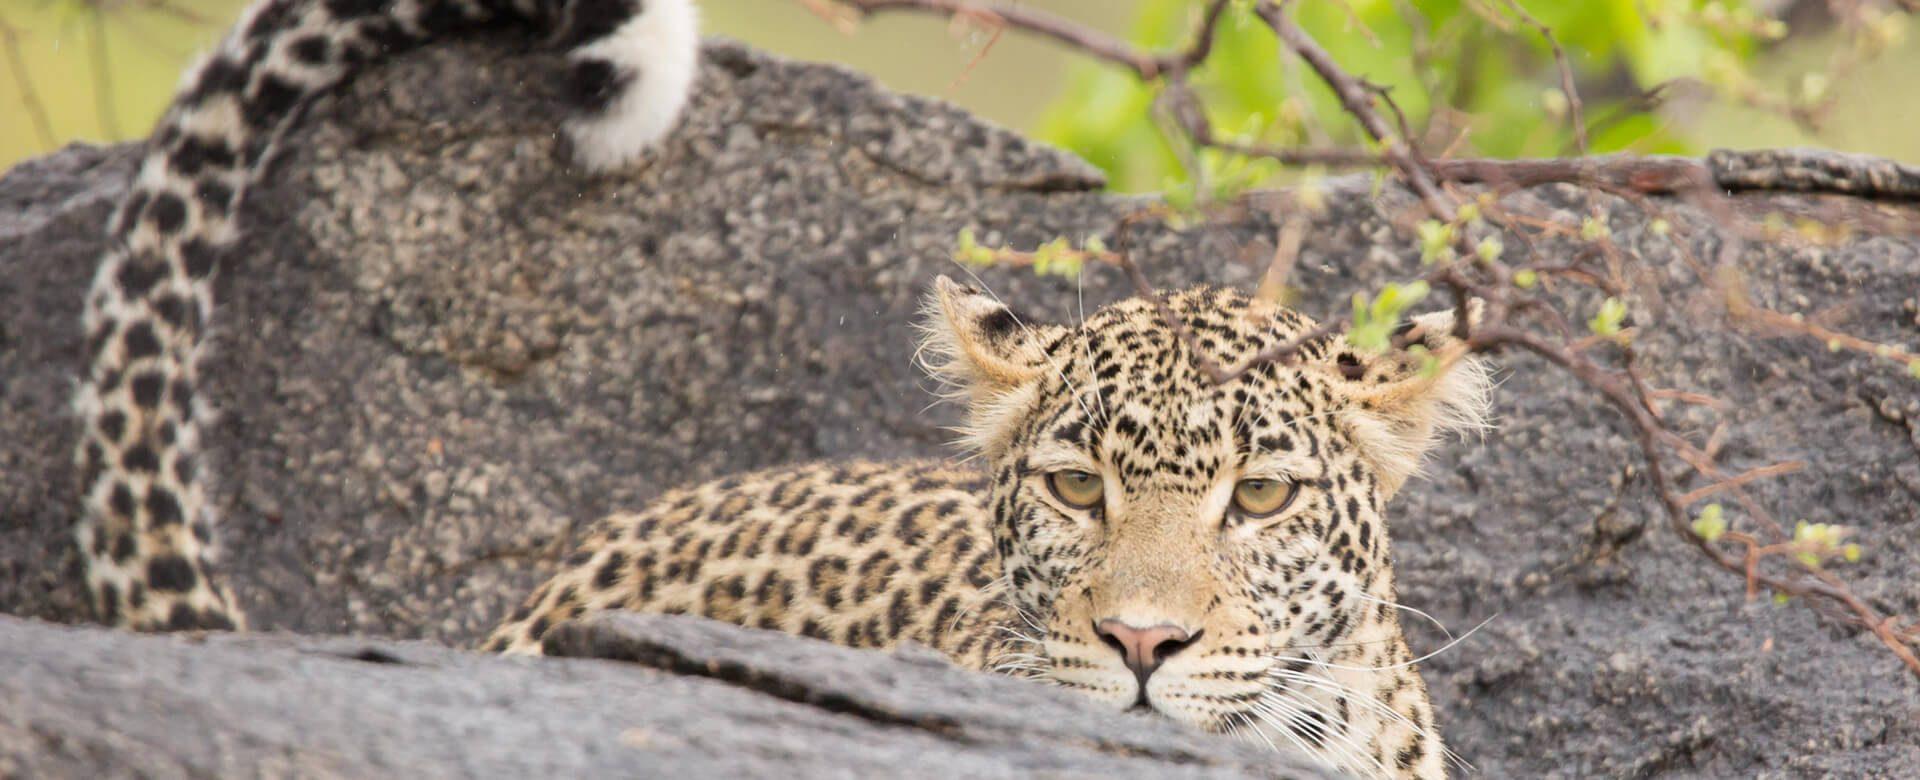 Upepo Safari - Leopard